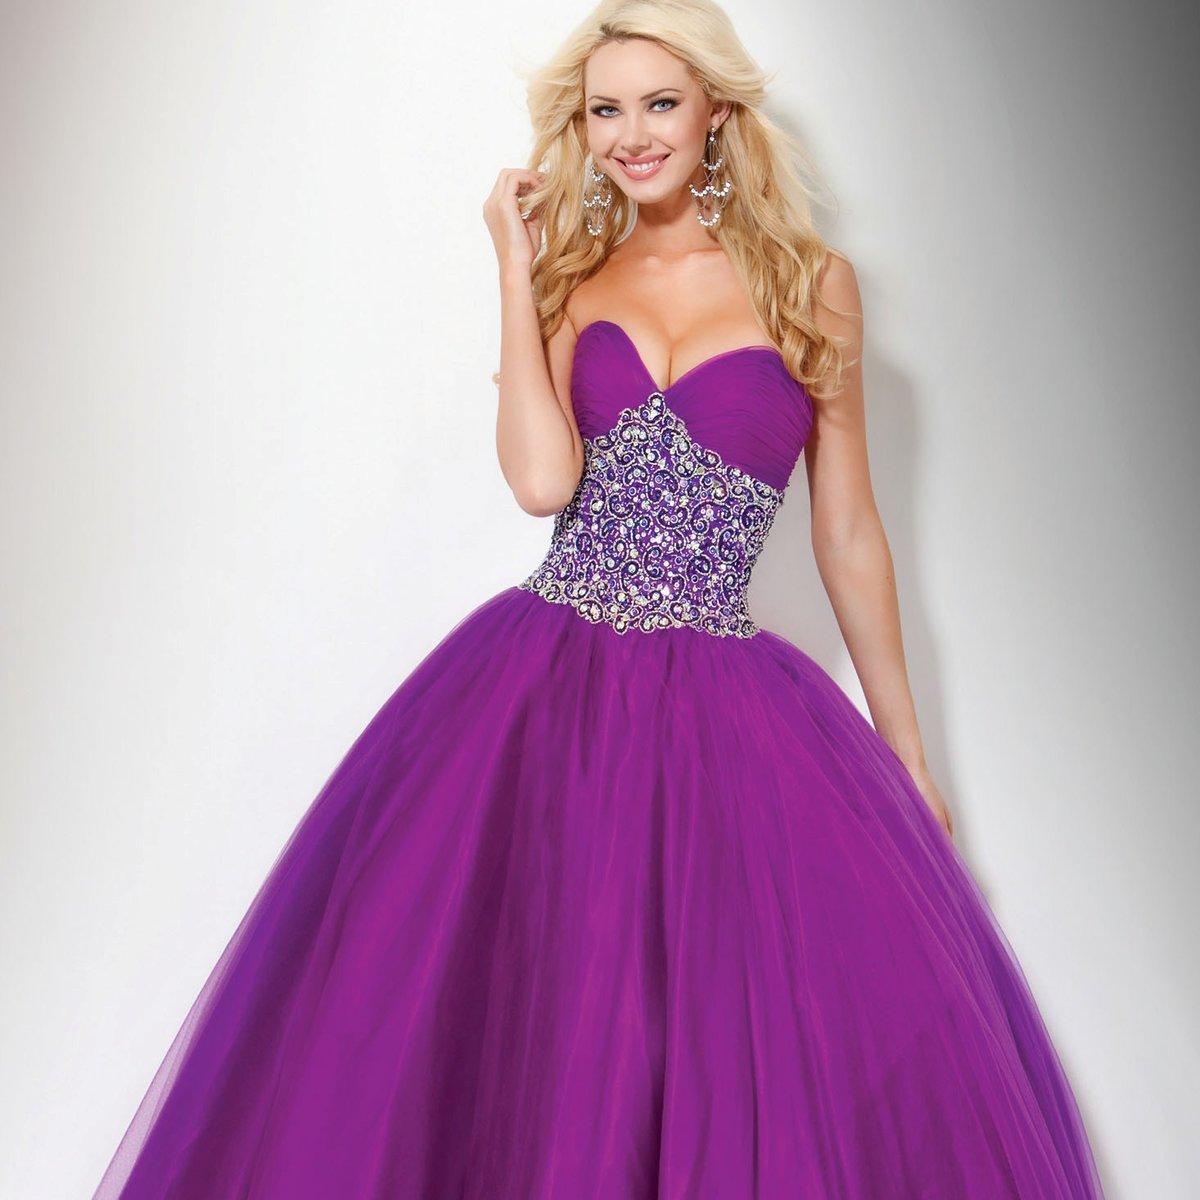 можешь картинки про очень красивые платья если она